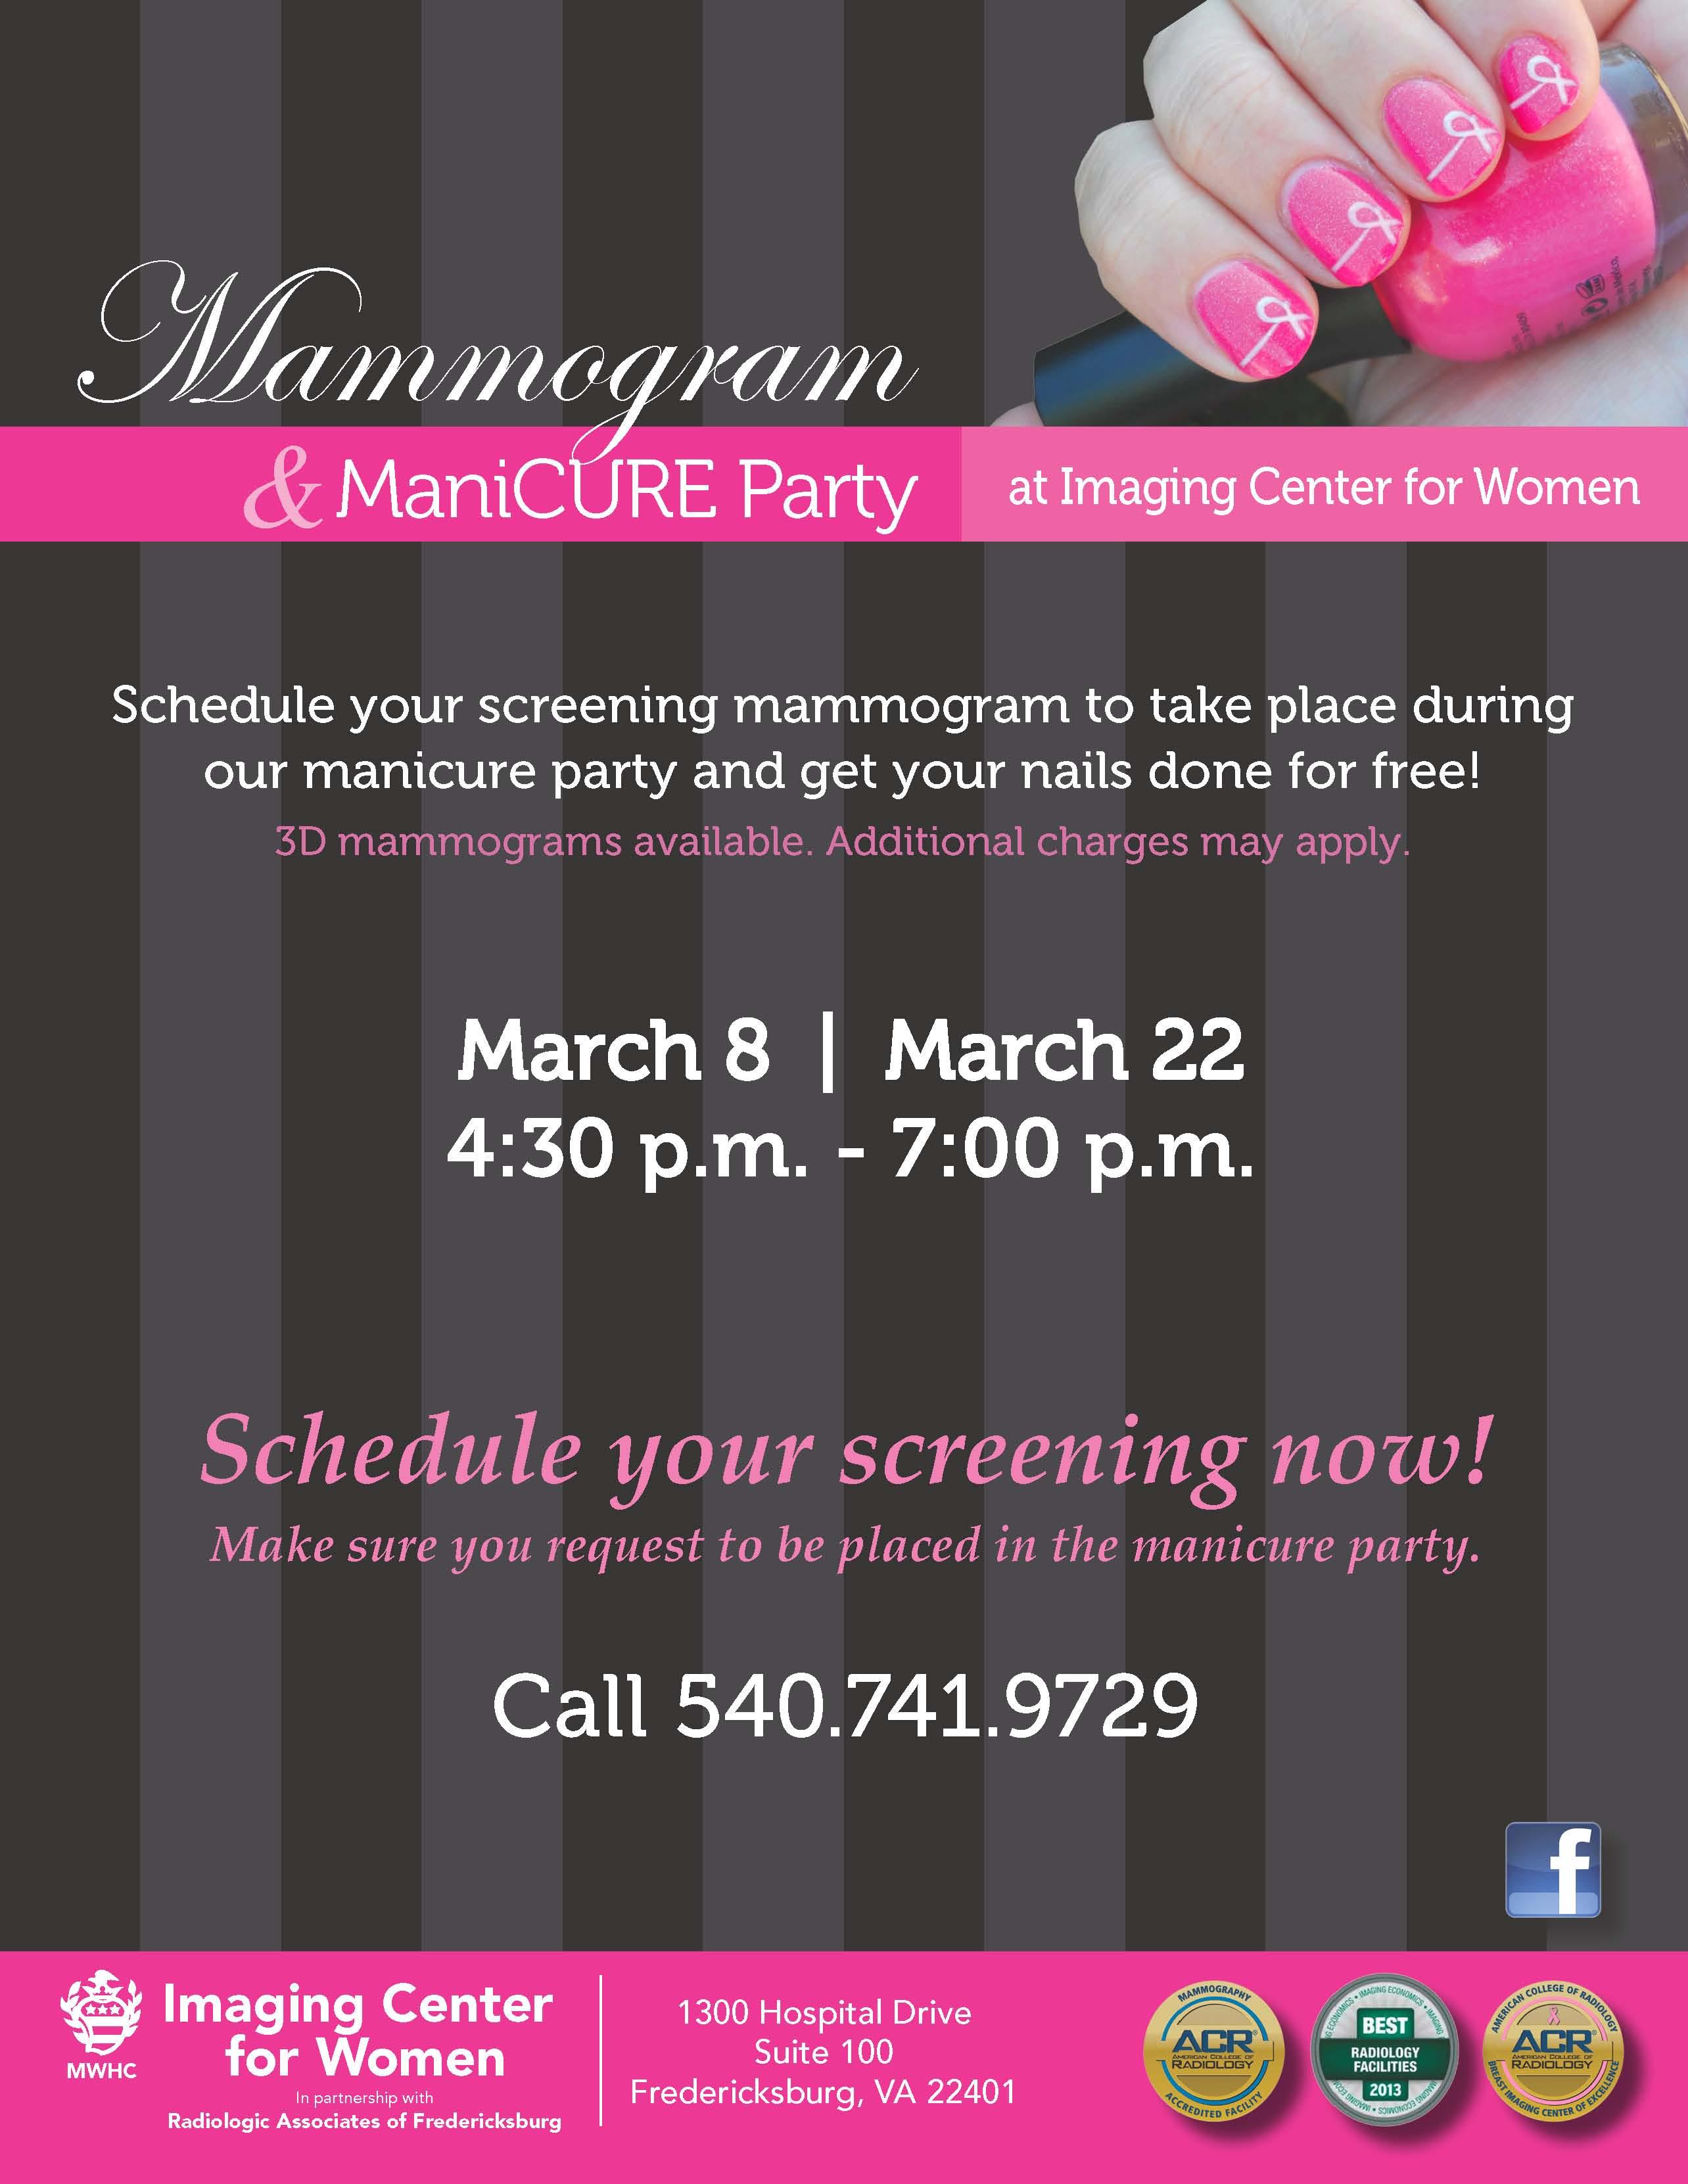 Mammogram Event Flyer March 8